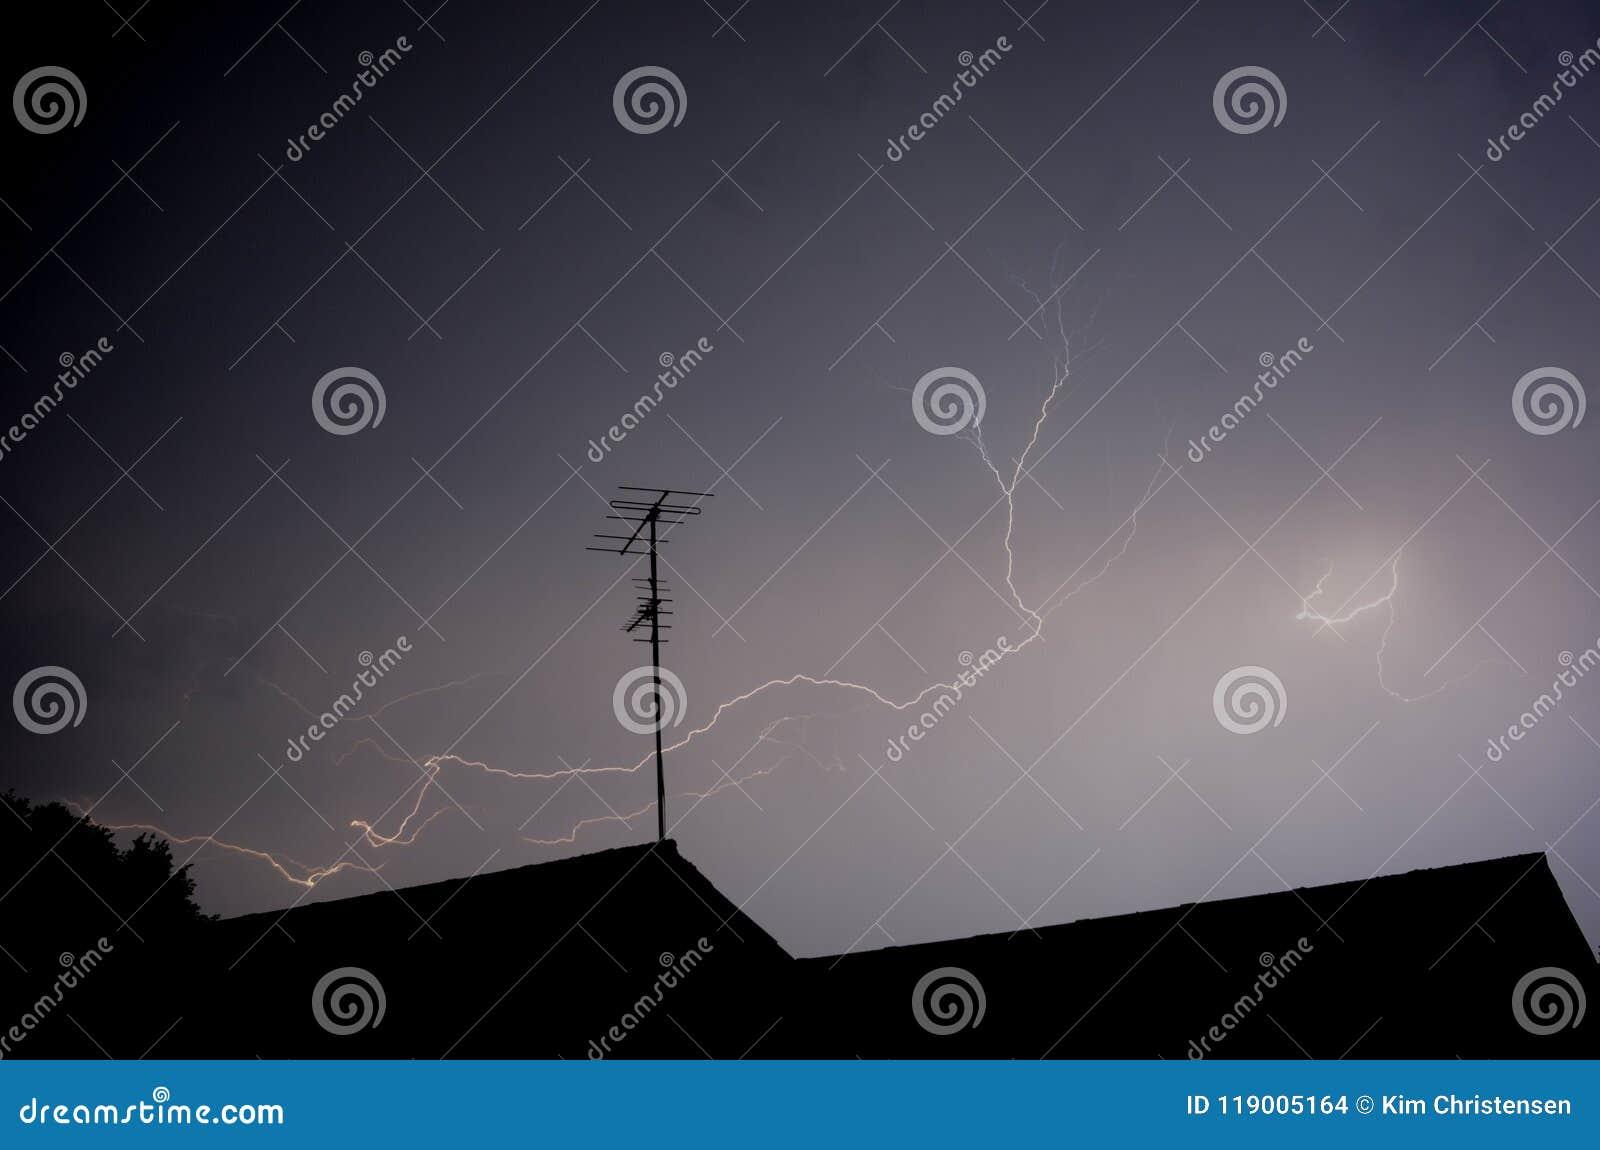 Lightening at night